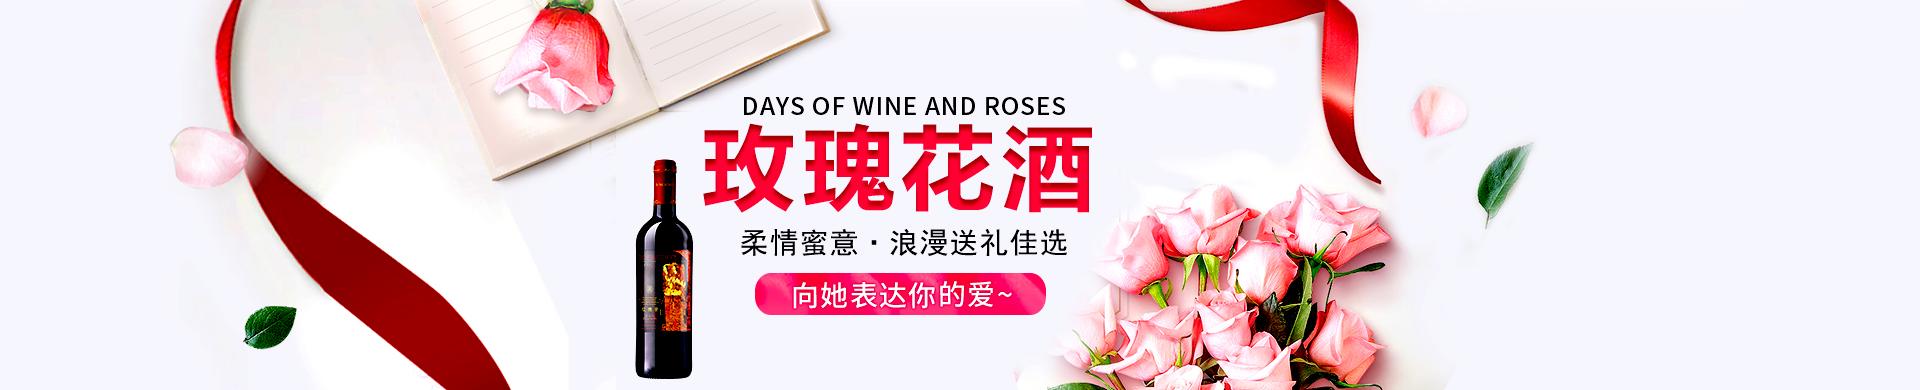 送礼红酒,最好的表白